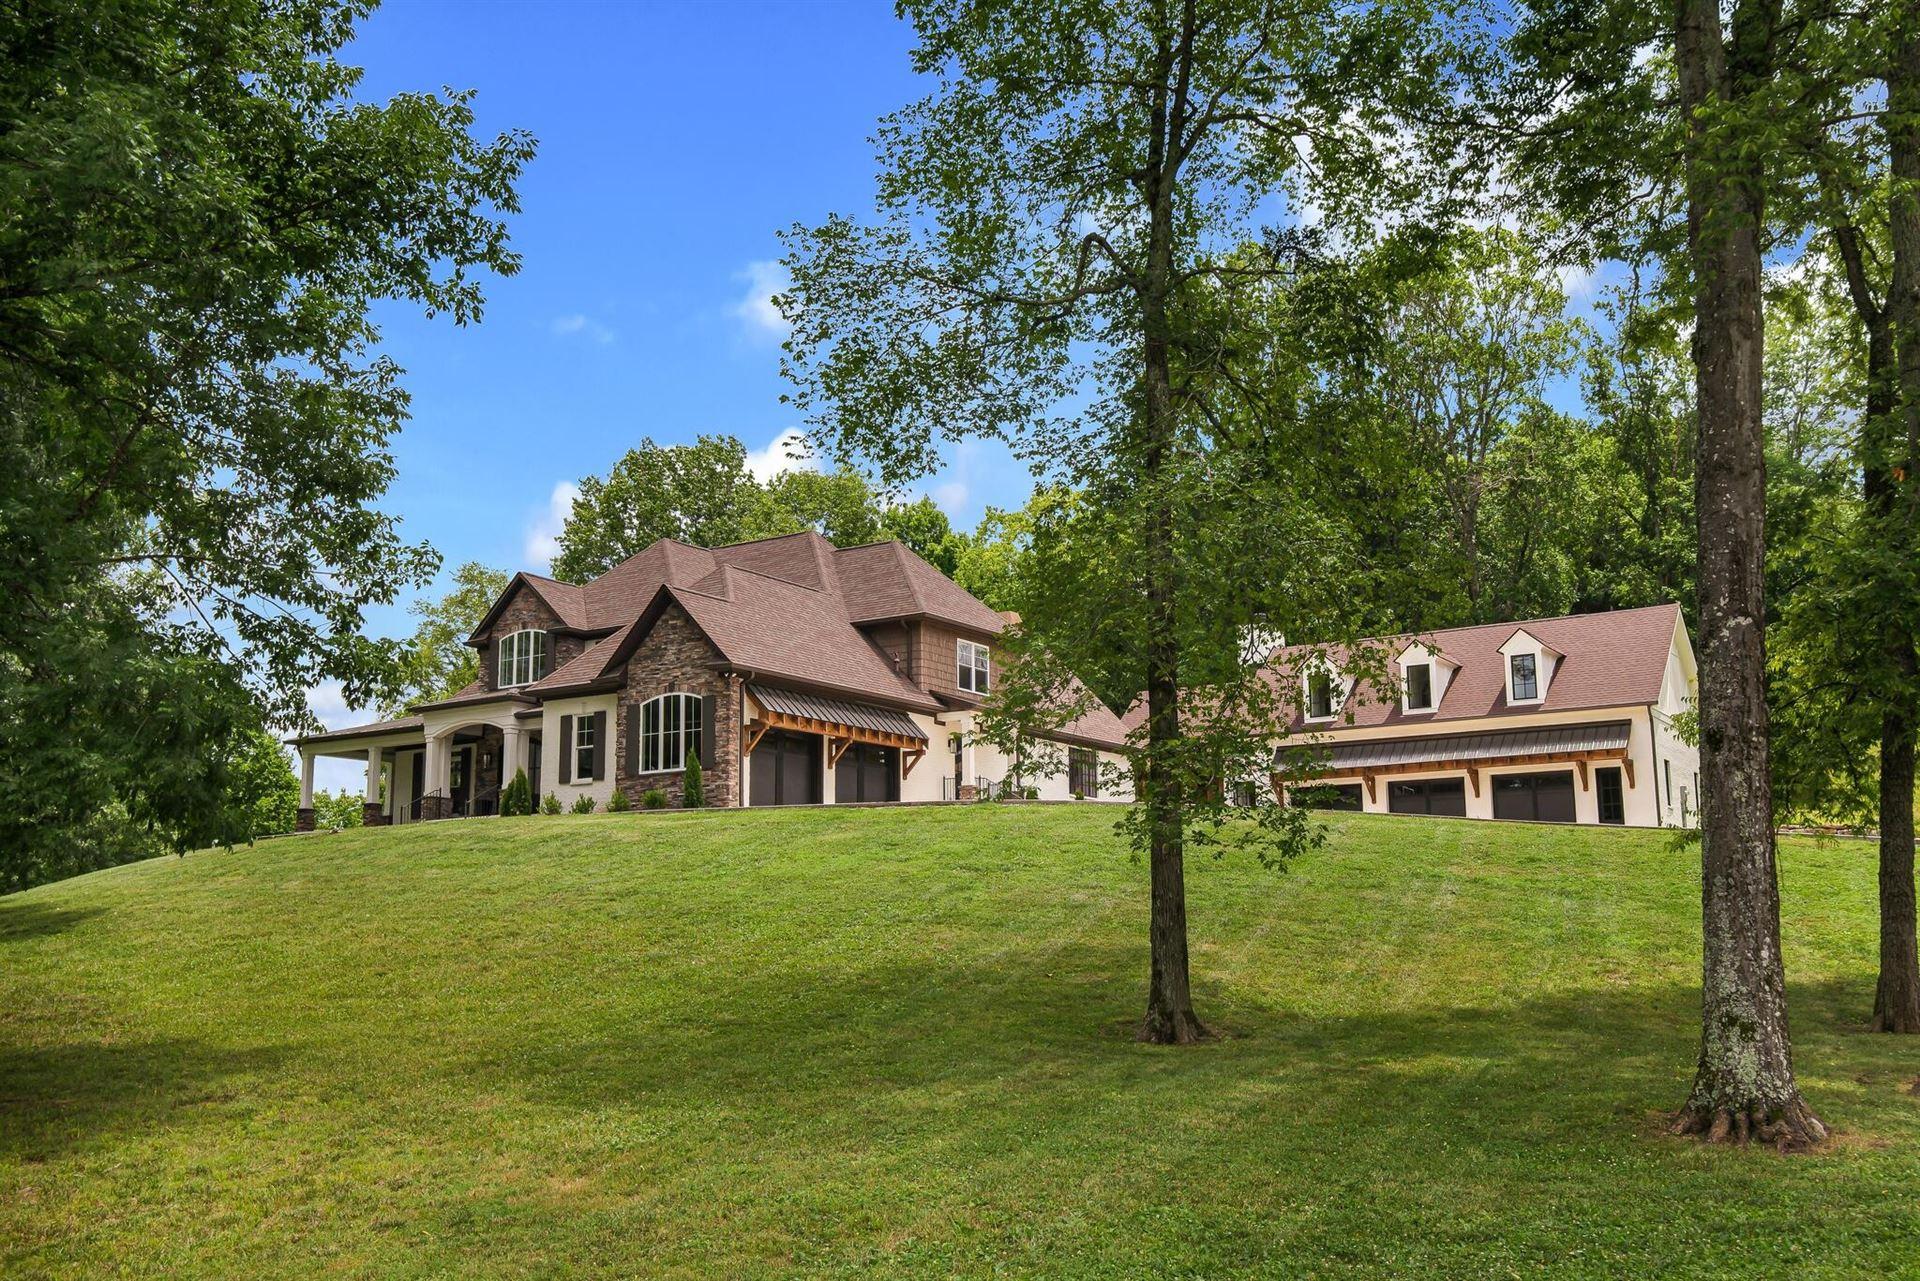 1351 Roy Sellers Rd, Columbia, TN 38401 - MLS#: 2281636